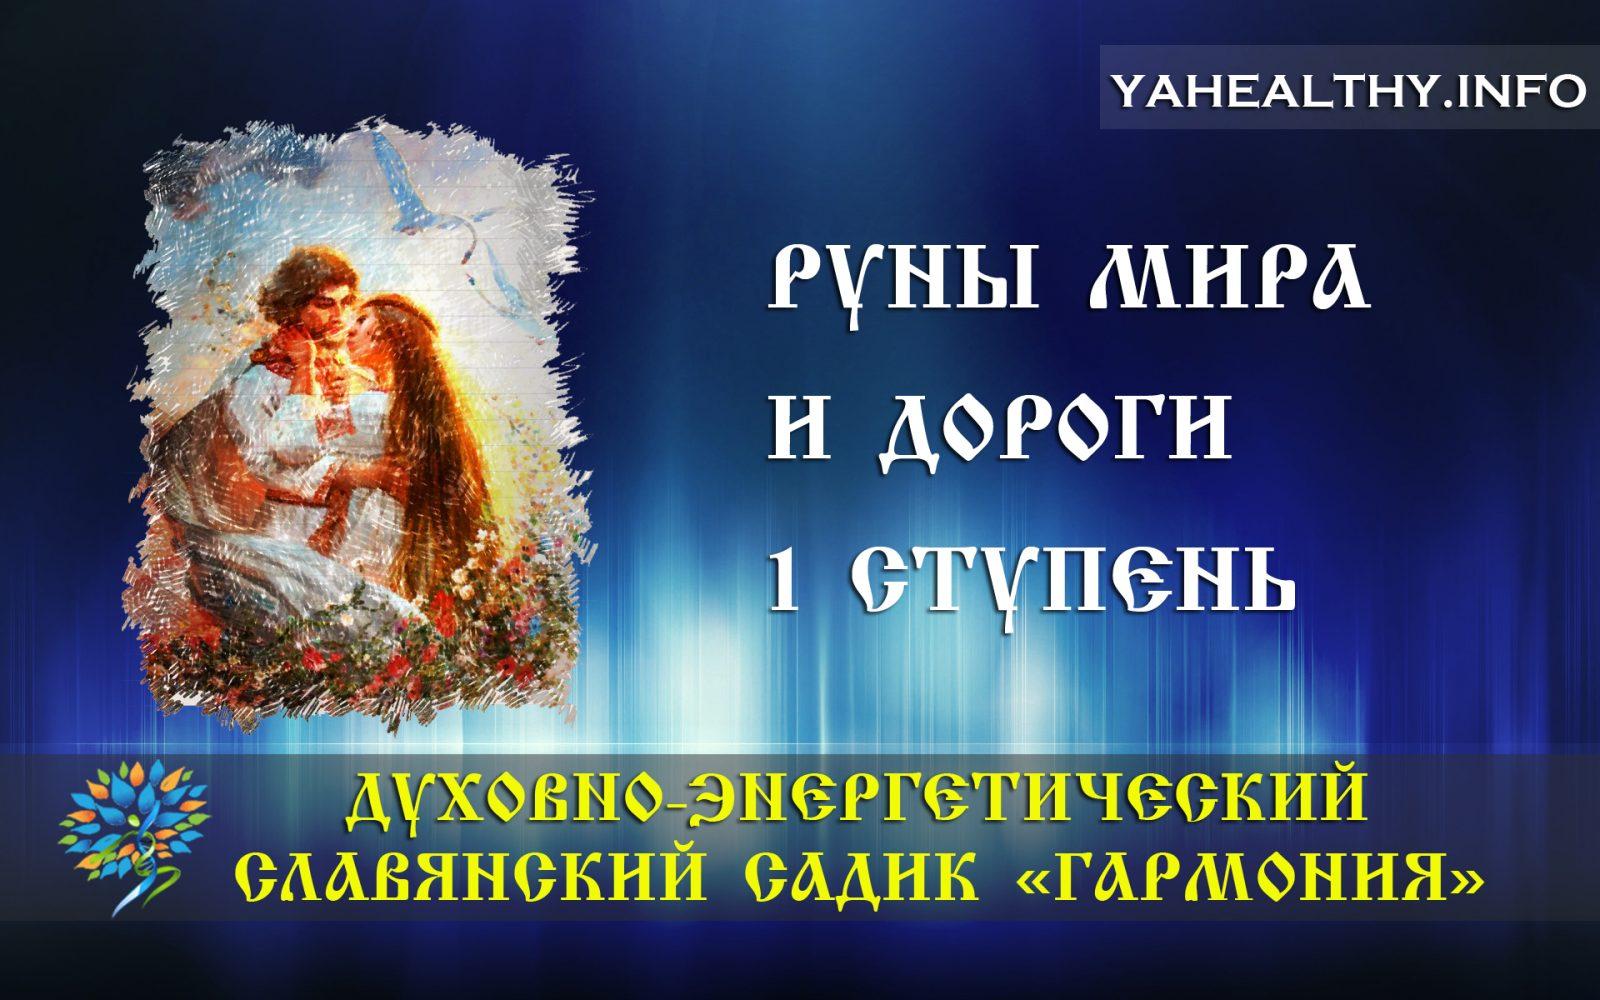 «Руны Мира и Дороги - 1 ступень»